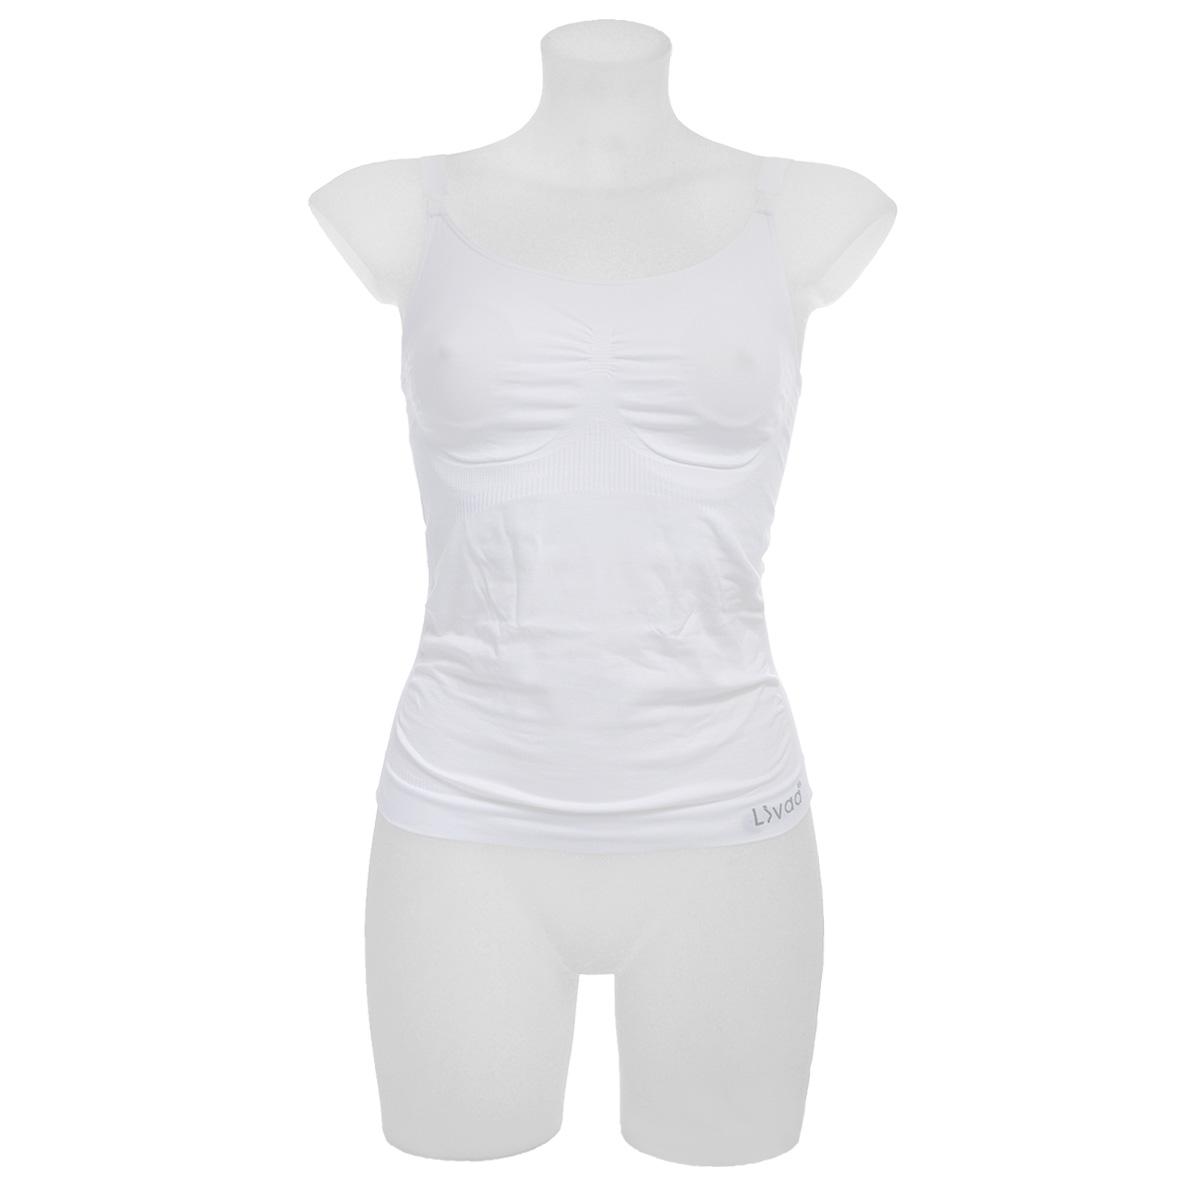 Майка14364Бесшовная майка Livaa с отстегивающимися чашками из мягкой микрофибры идеально подходит и во время беременности, и в период кормления. Майку можно носить как в качестве нижнего белья, к примеру, под джемпер, так и наверх, с джинсами или под пиджак. Стильный и практичный дизайн для комфортного кормления. Простое освобождение застежки с обеих сторон облегчает переход к процессу кормления. Встроенный бюстгальтер поддерживает грудь и предотвращает появления растяжек на груди. Бесшовное белье фирмы Livaa изготовлено по новейшим технологиям с использованием современных материалов. Уплотненная микрофибра, использование нескольких типов вязки делает изделия нежными и комфортными. Отсутствие швов создает идеальное облегание, не давит на кожу, легко стирается, не деформируется при носке. Белье произведено по NanoTechnology технологии, что обеспечивает отличное поглощение влаги и свободную циркуляцию воздуха.